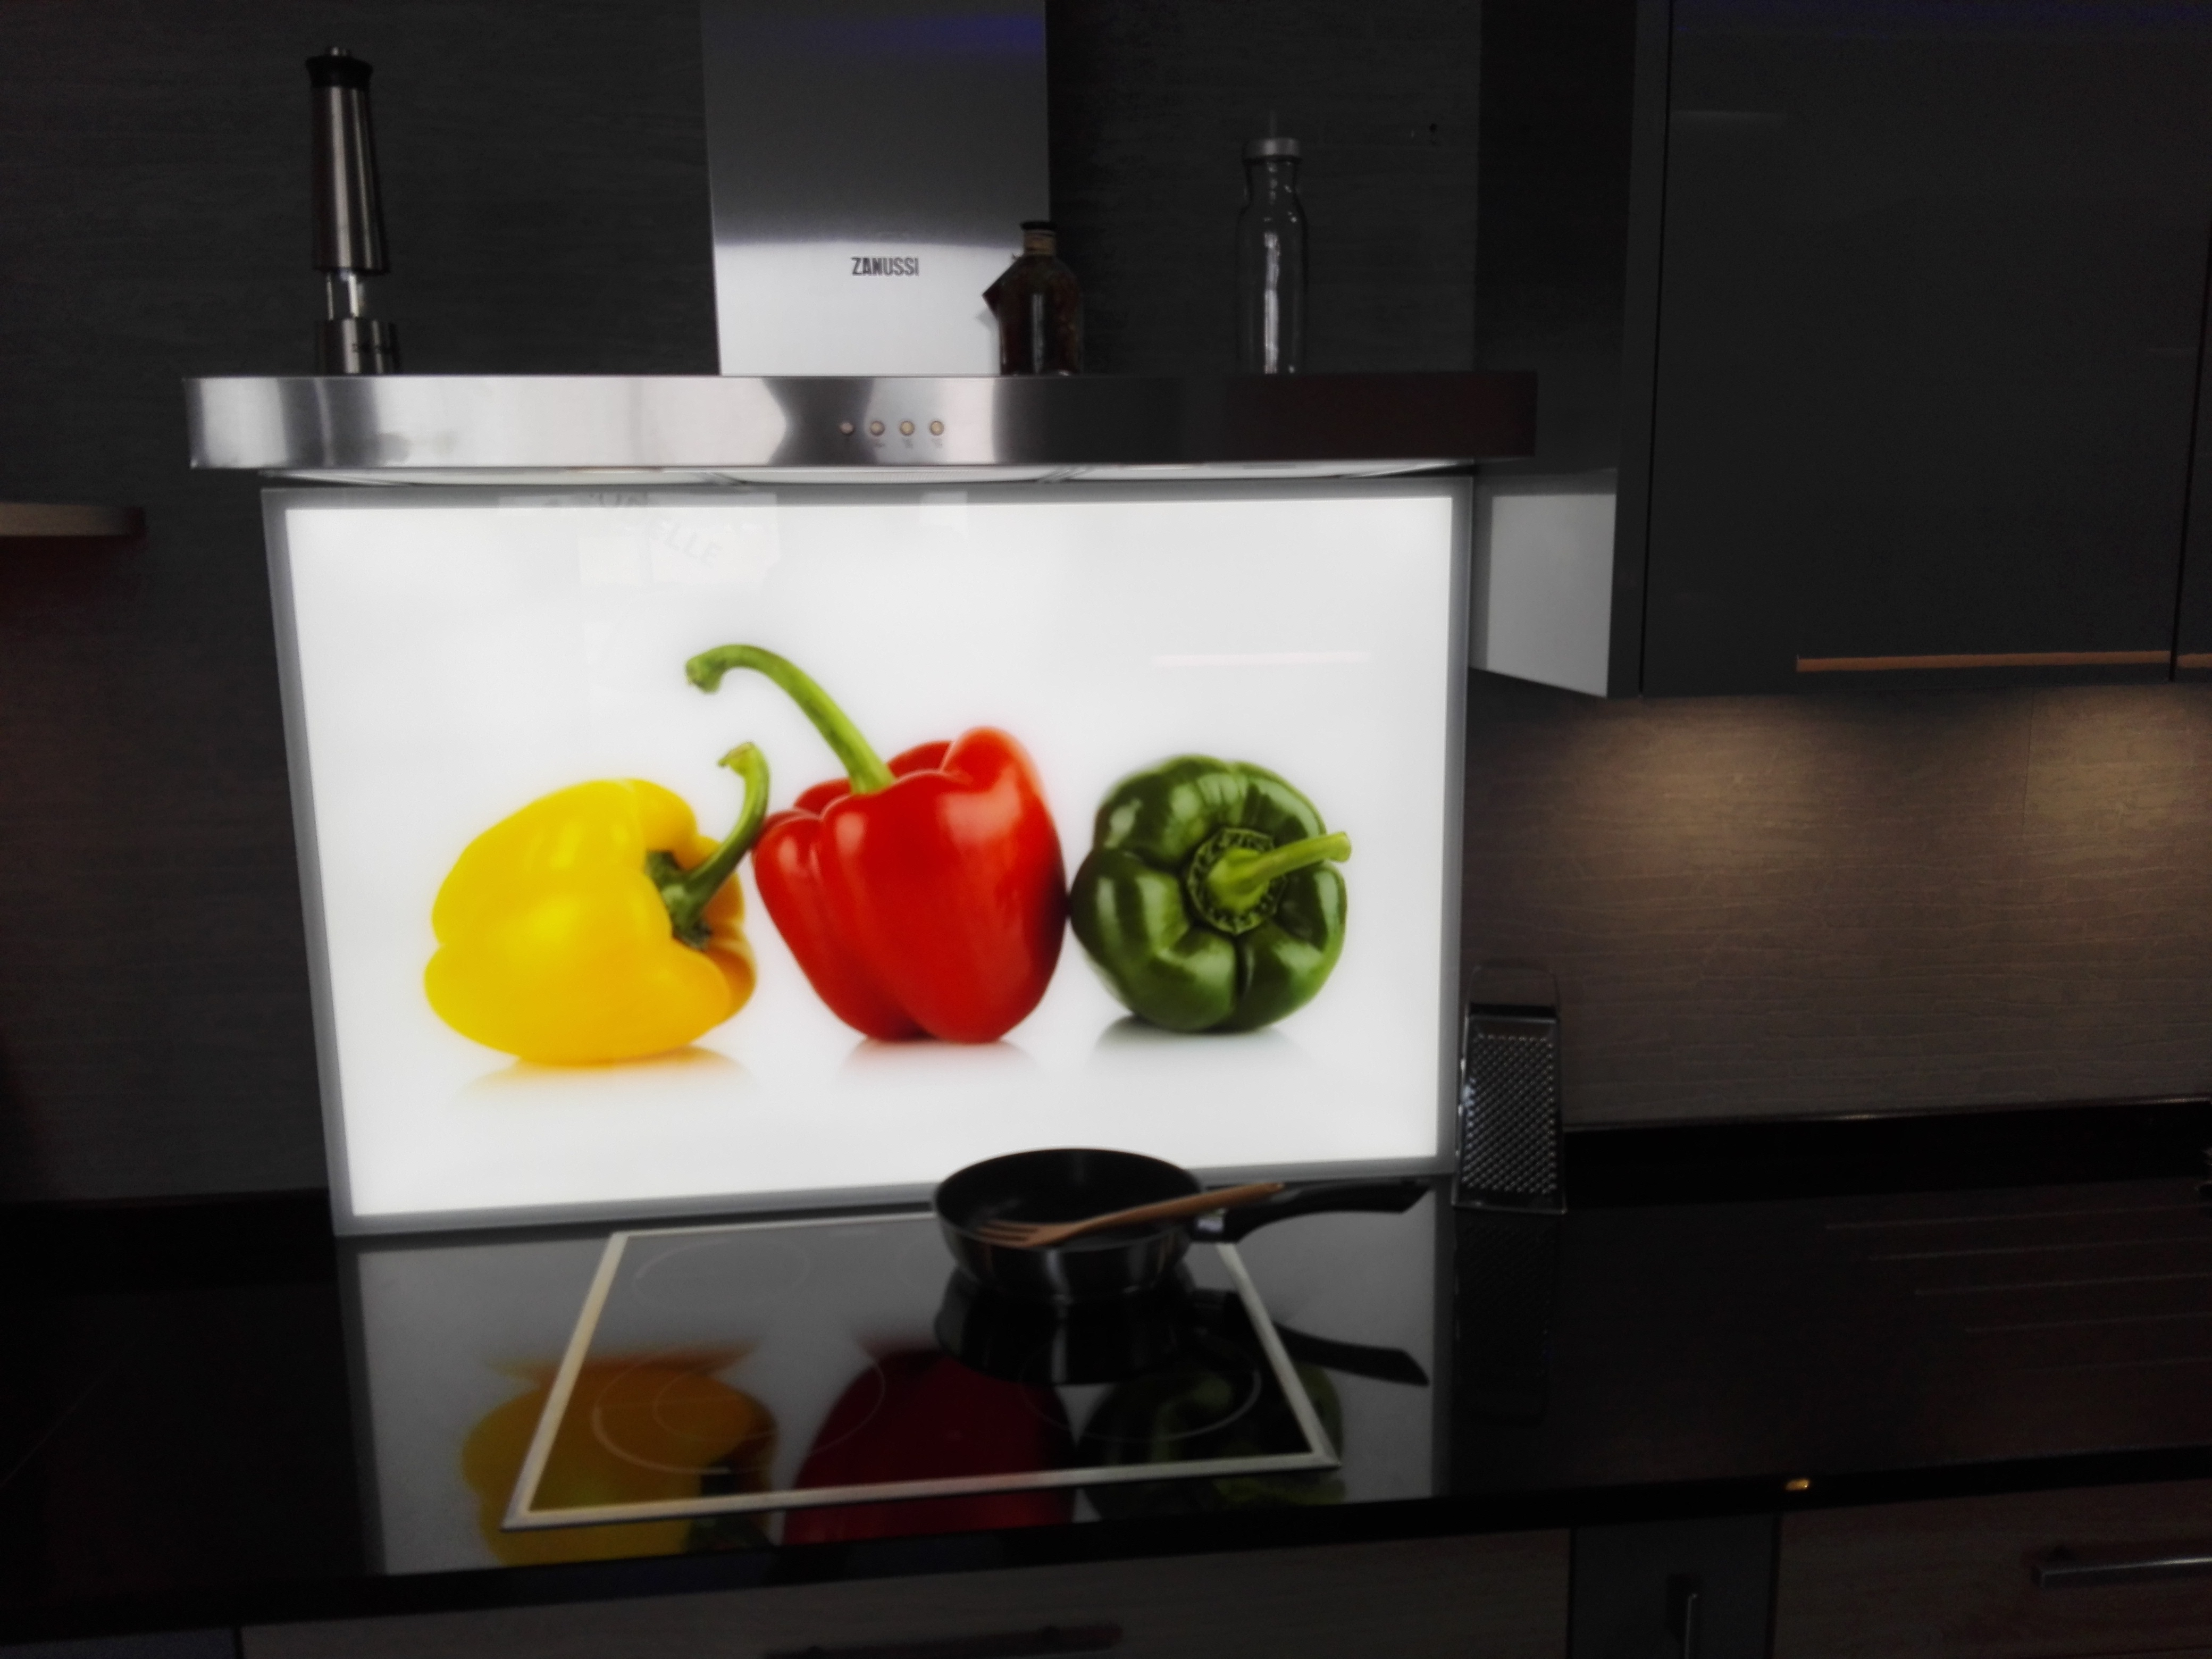 Küche 3 - bedruckte Glasrückwand mit vollflächiger LED-Beleuchtung